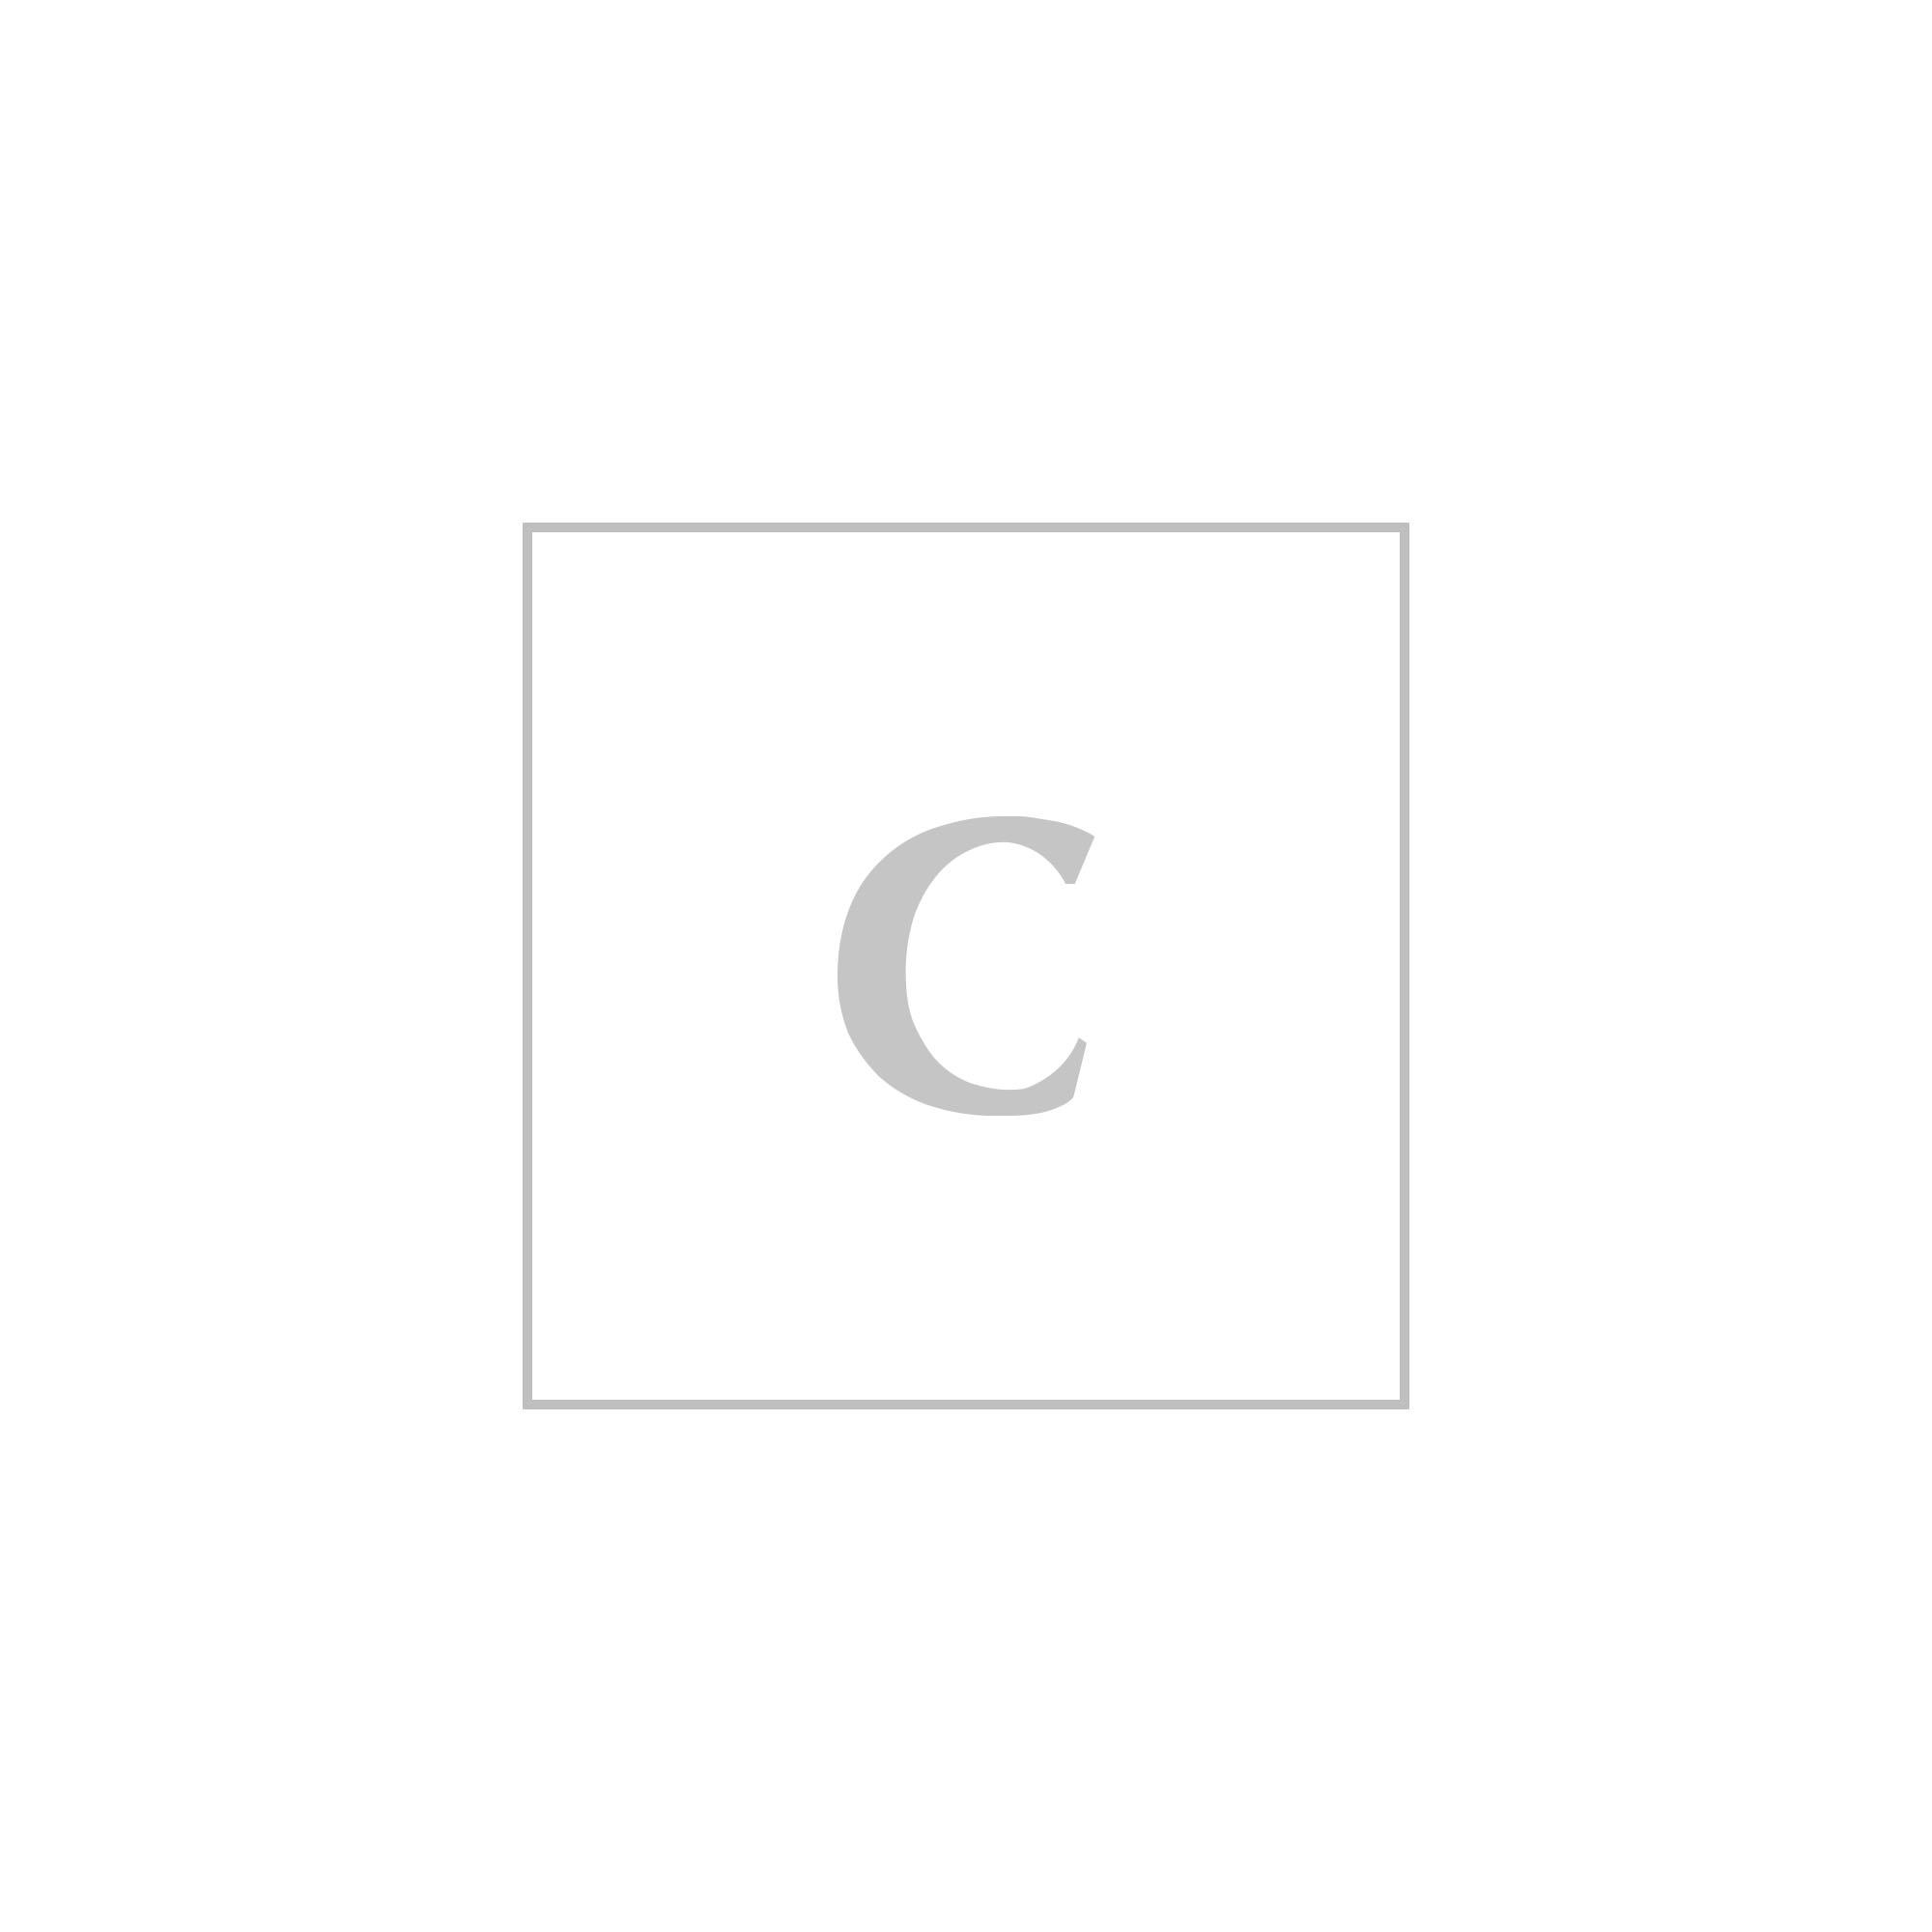 Fendi elite calfskin cube monster key charm